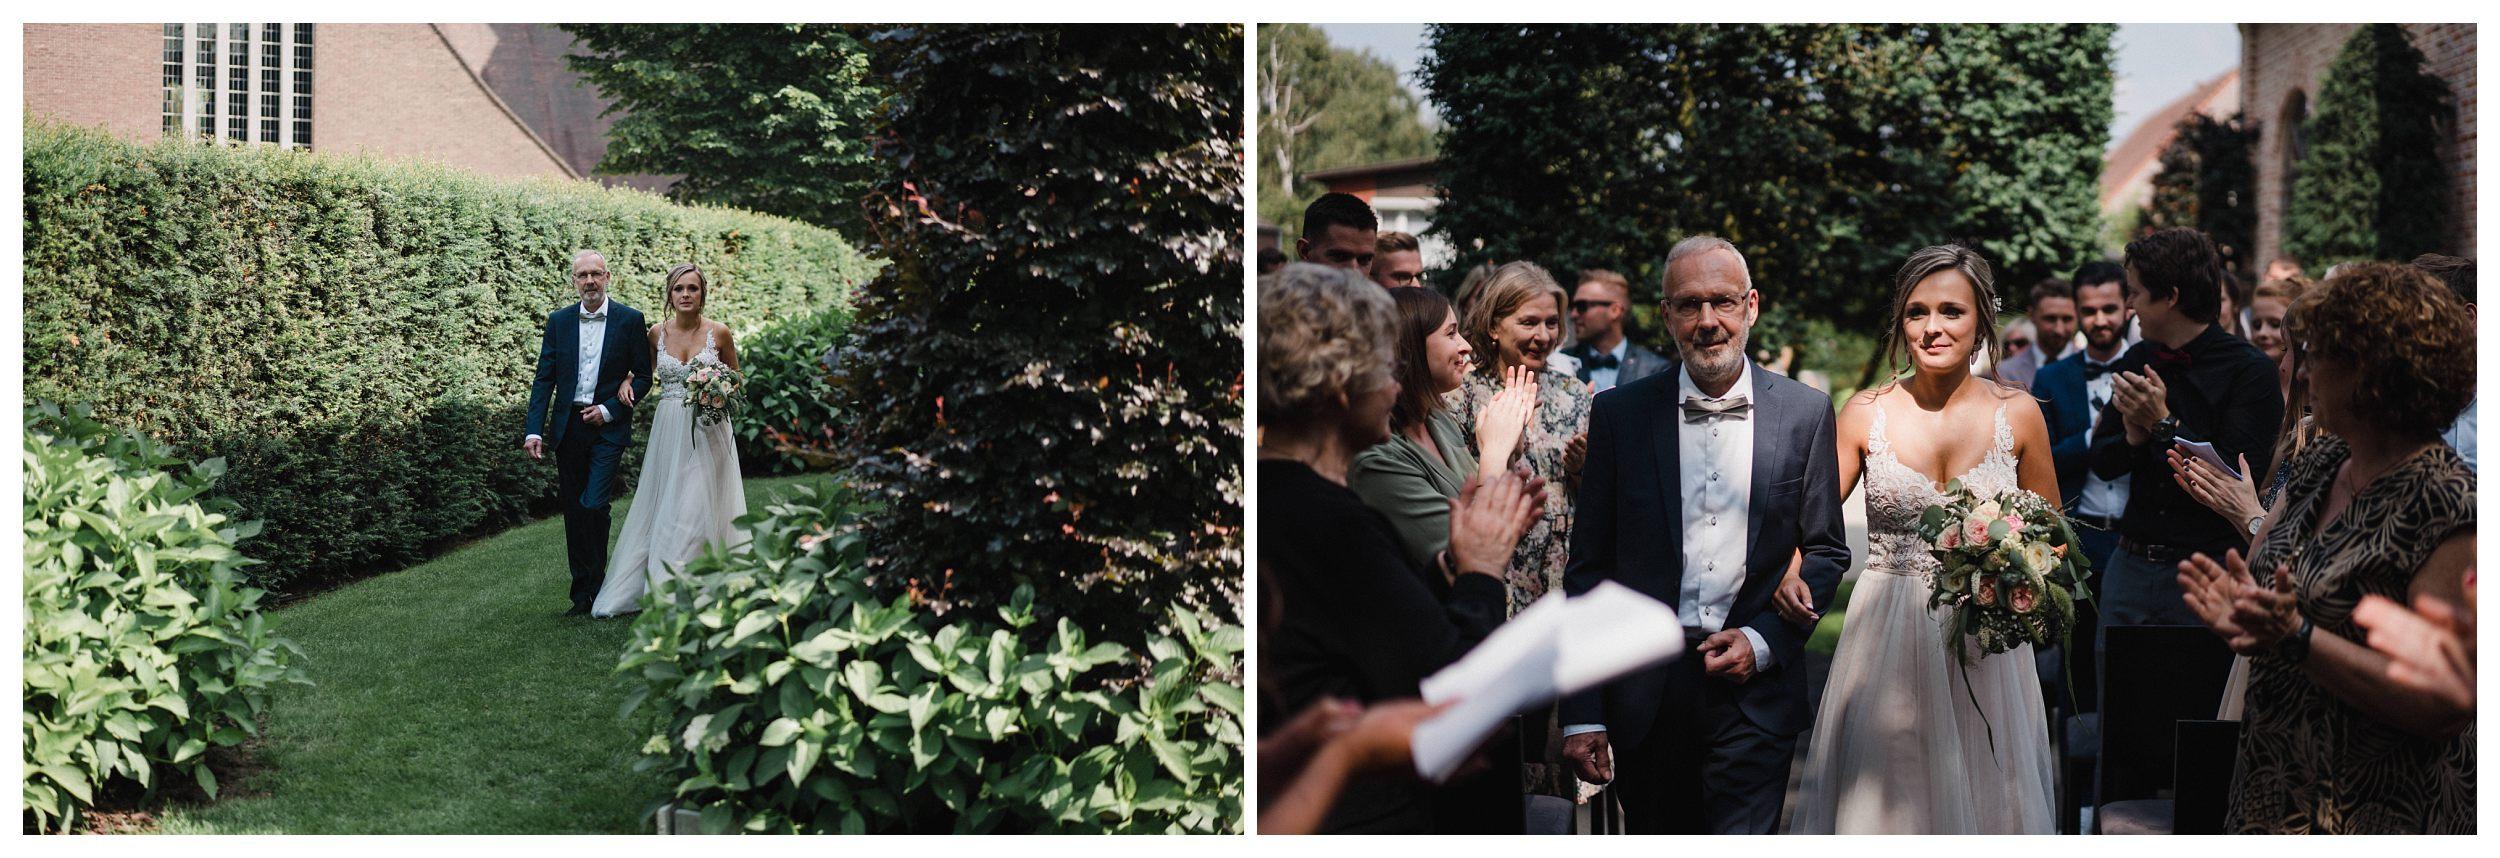 huwelijksfotograaf bruidsfotograaf destinationwedding huwelijksfotografie in mol oostham (51).jpg